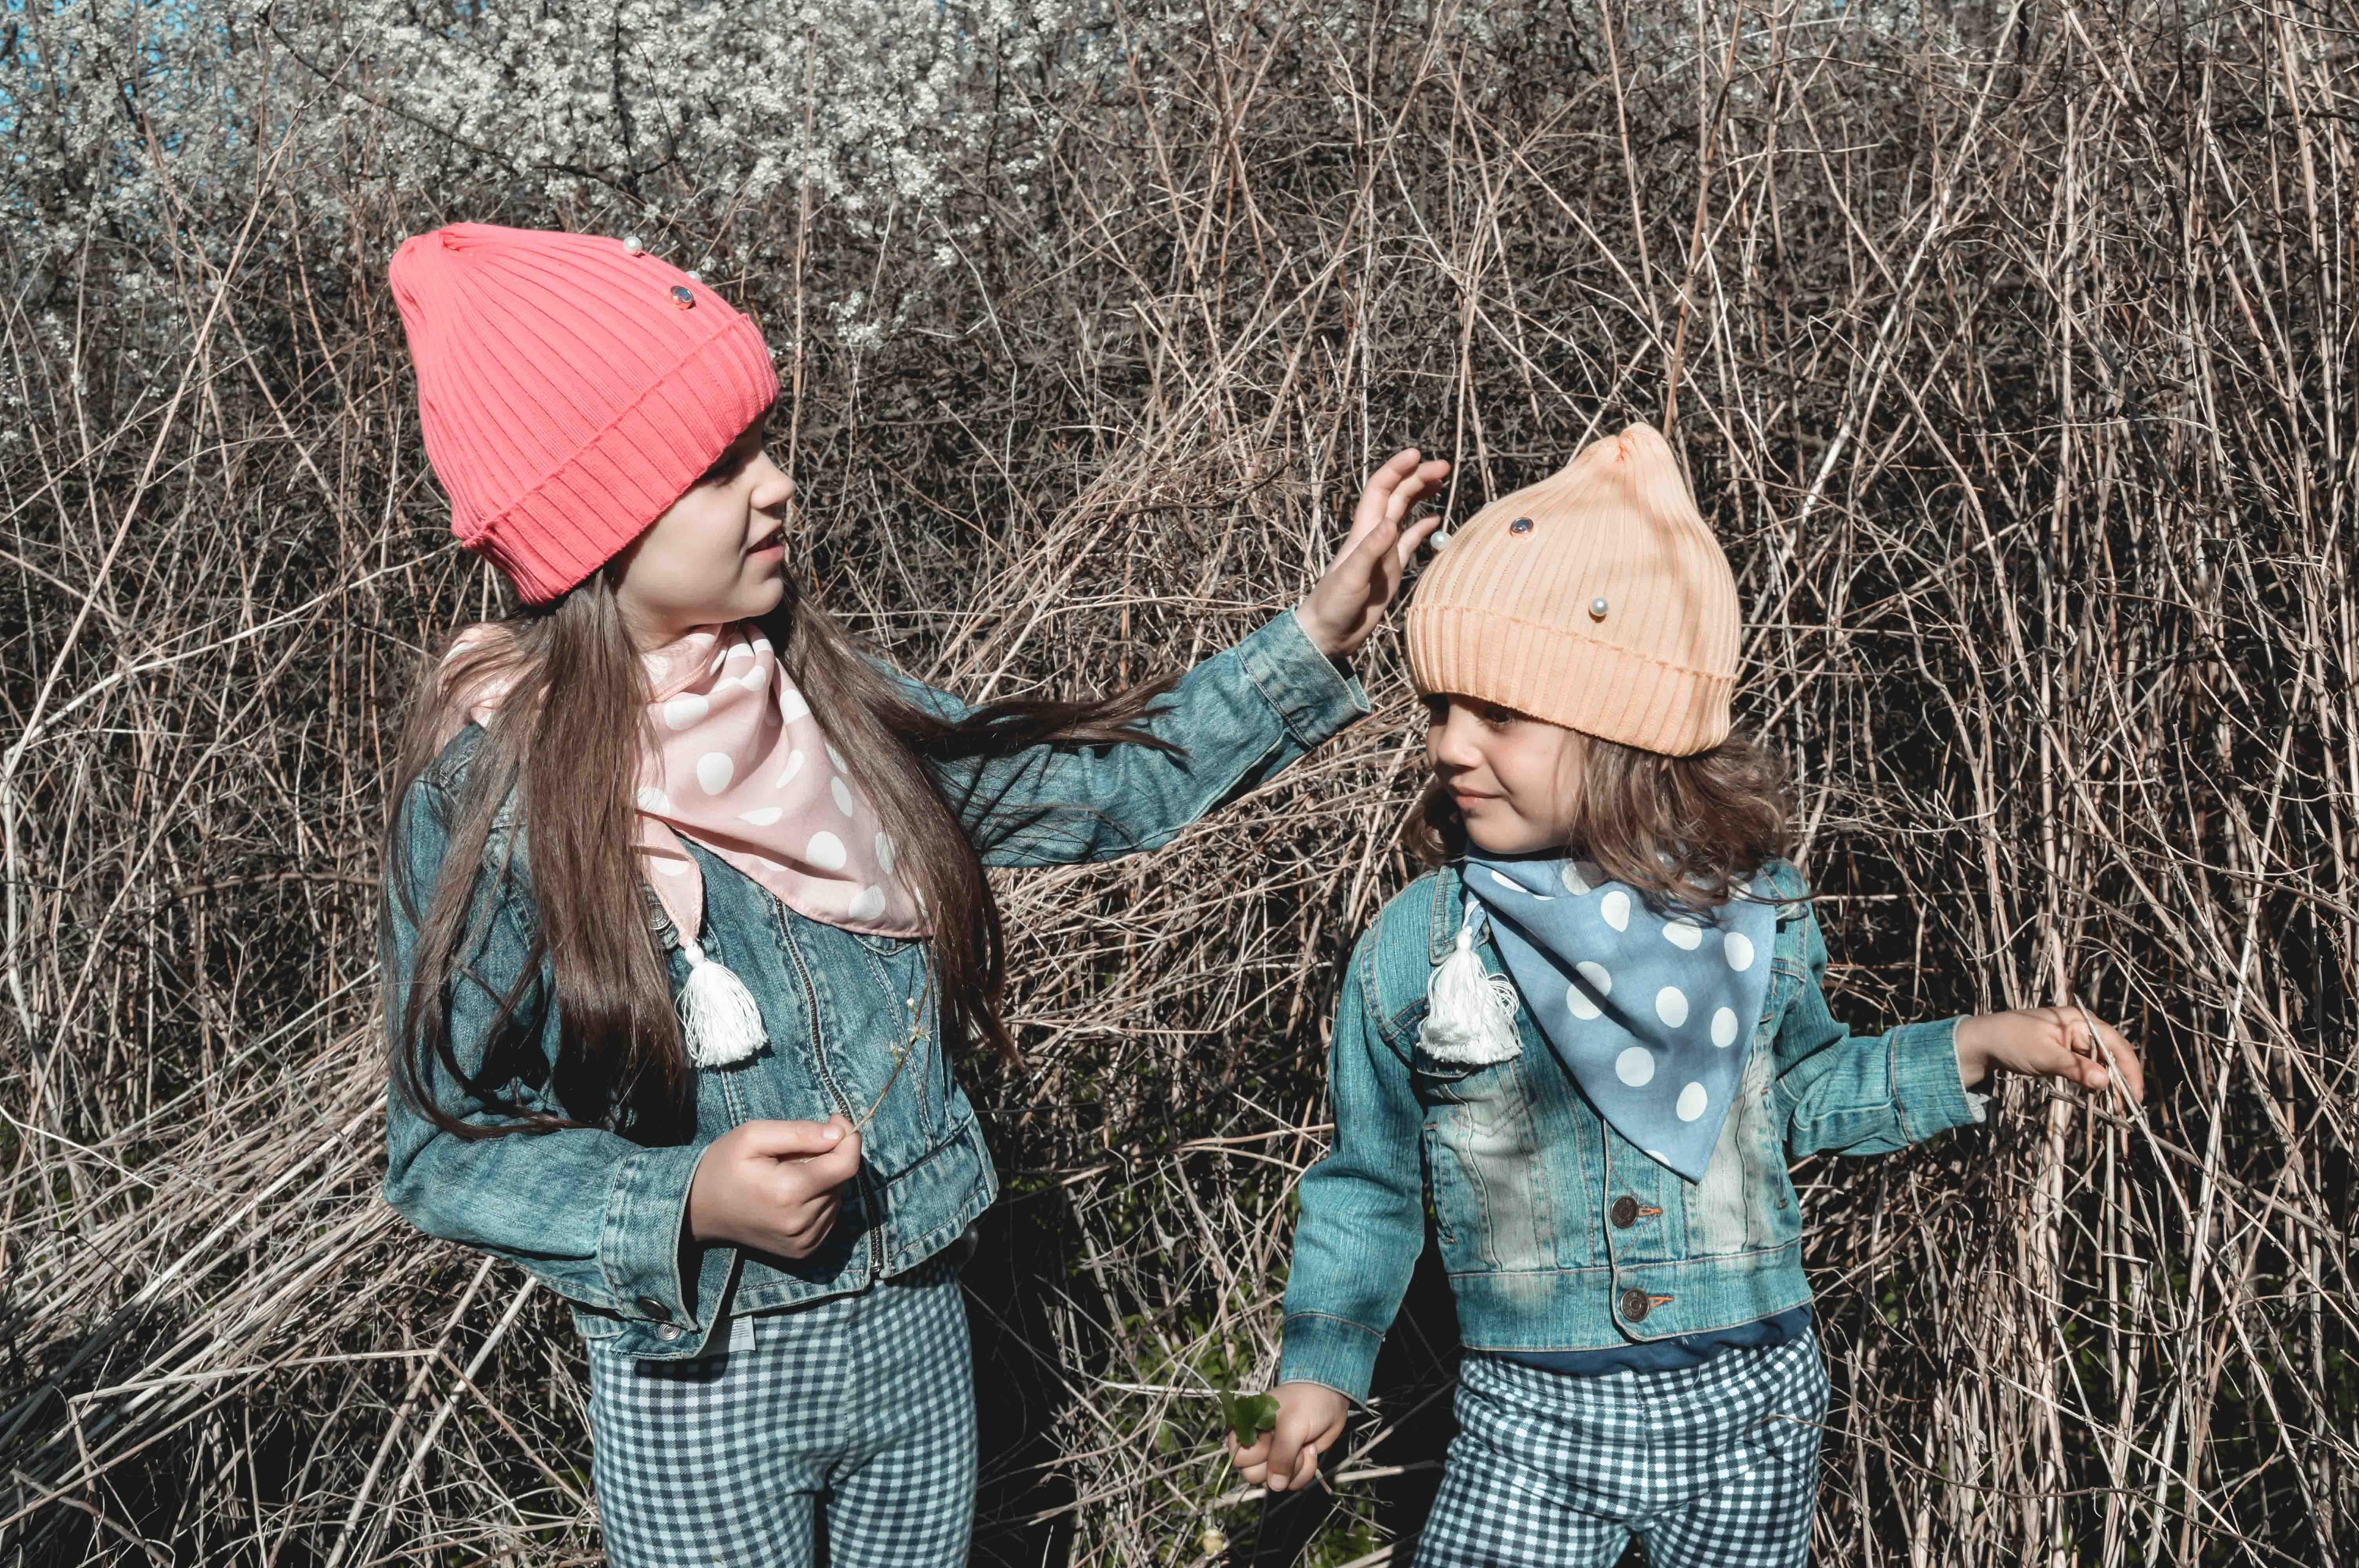 czapki dla dzieci wiosenne dla dziewczynki różowe czerwone żółte pomarańczowe 3 5 7 lat